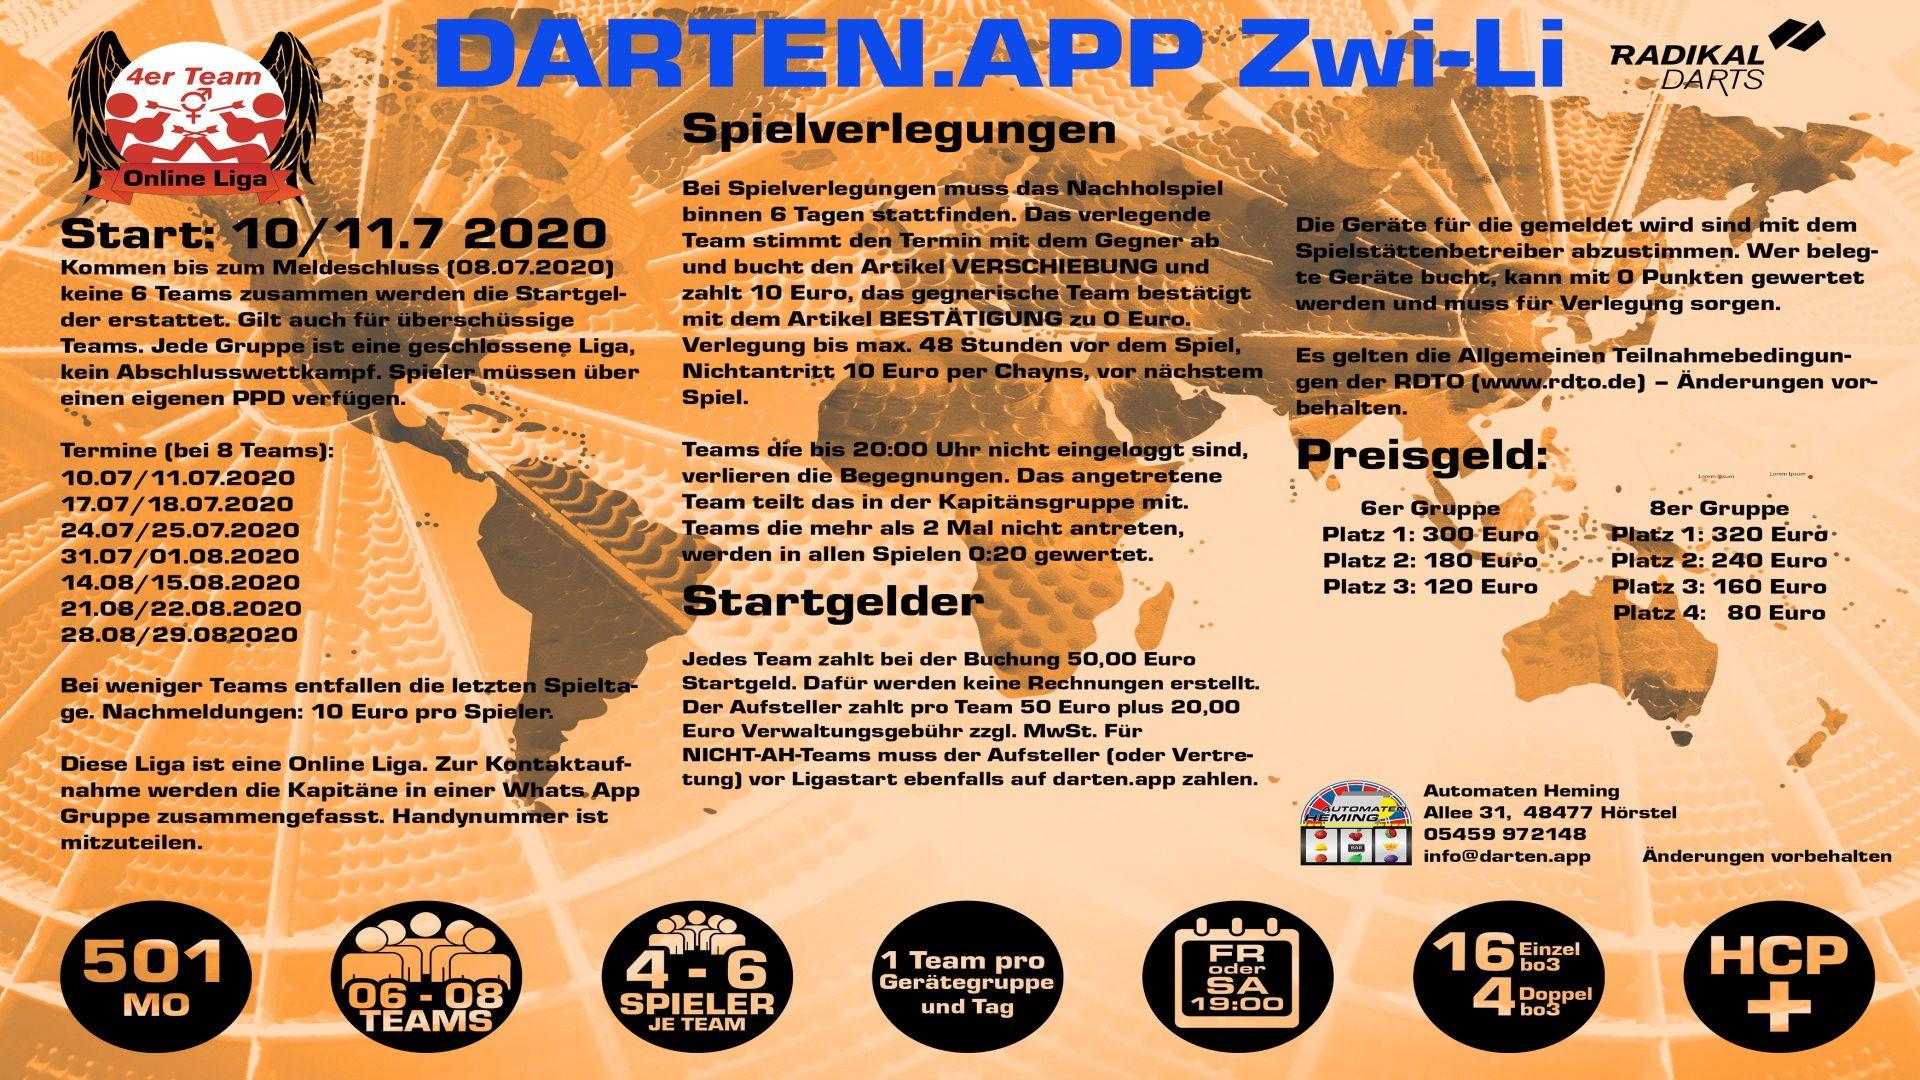 Zwi Li, die Zwischenliga von darten.app - Zwi-Li